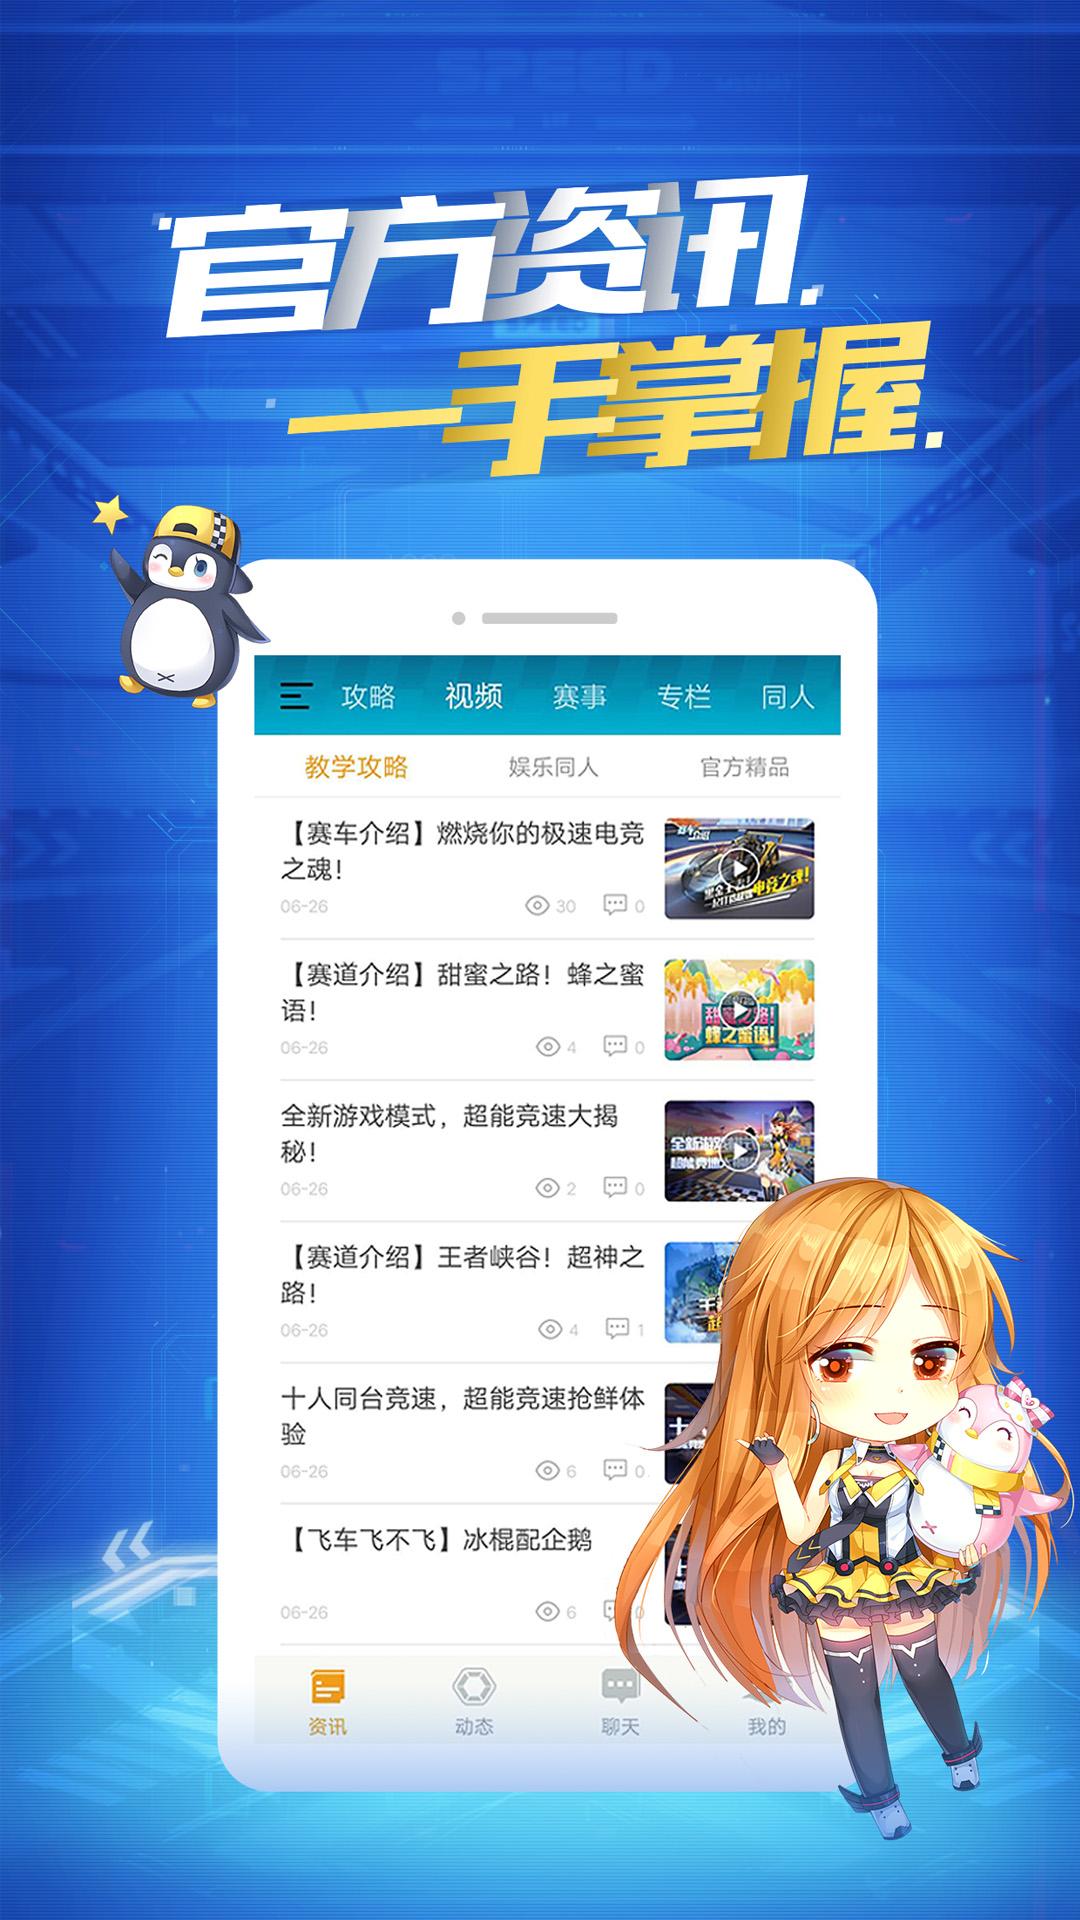 掌上飞车最新版下载 掌上飞车手机版下载v2.9.2... _安粉丝手游网